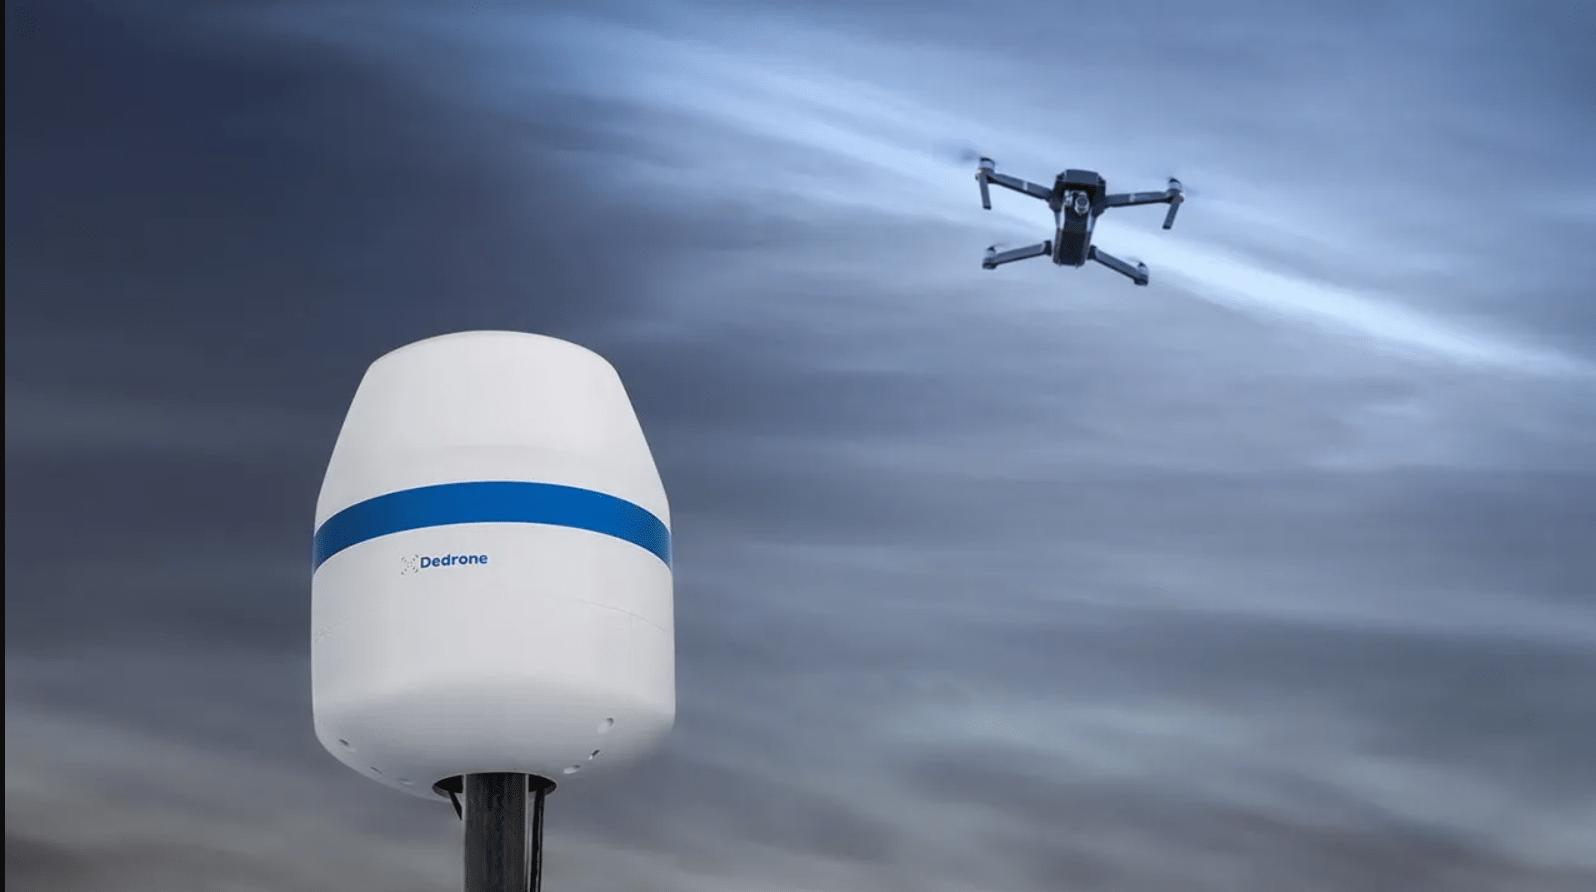 Компания Dedrone объявила о росте продаж систем обнаружения дронов